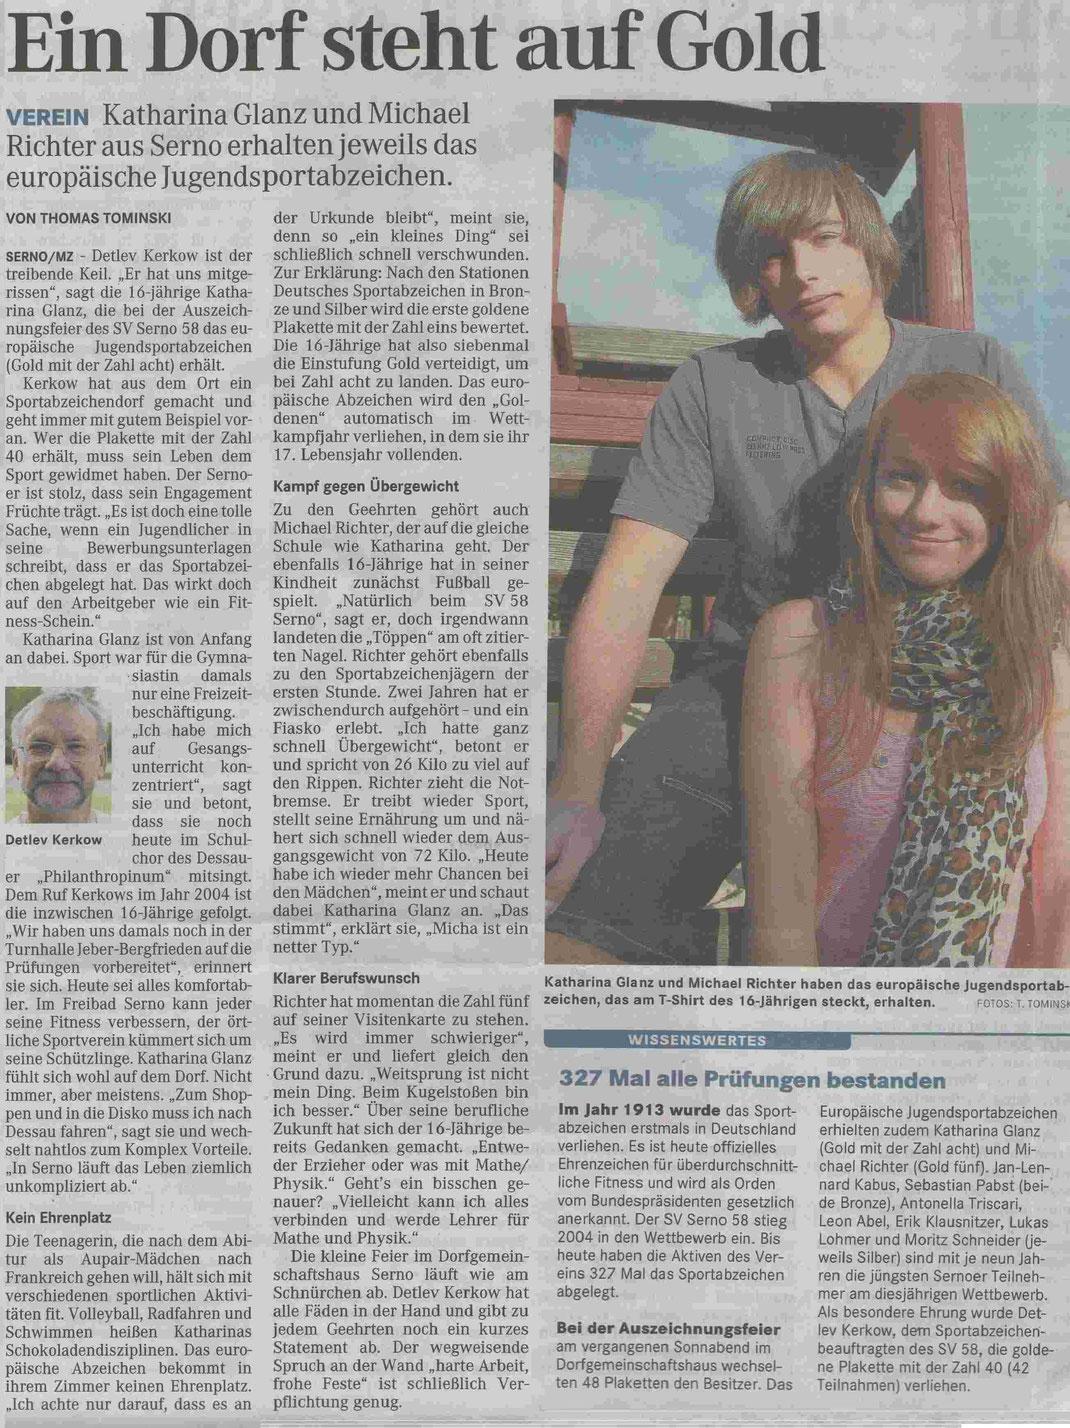 """MZ-Artikel """"Ein Dorf steht auf GOLD"""" vom 14.09.2011"""